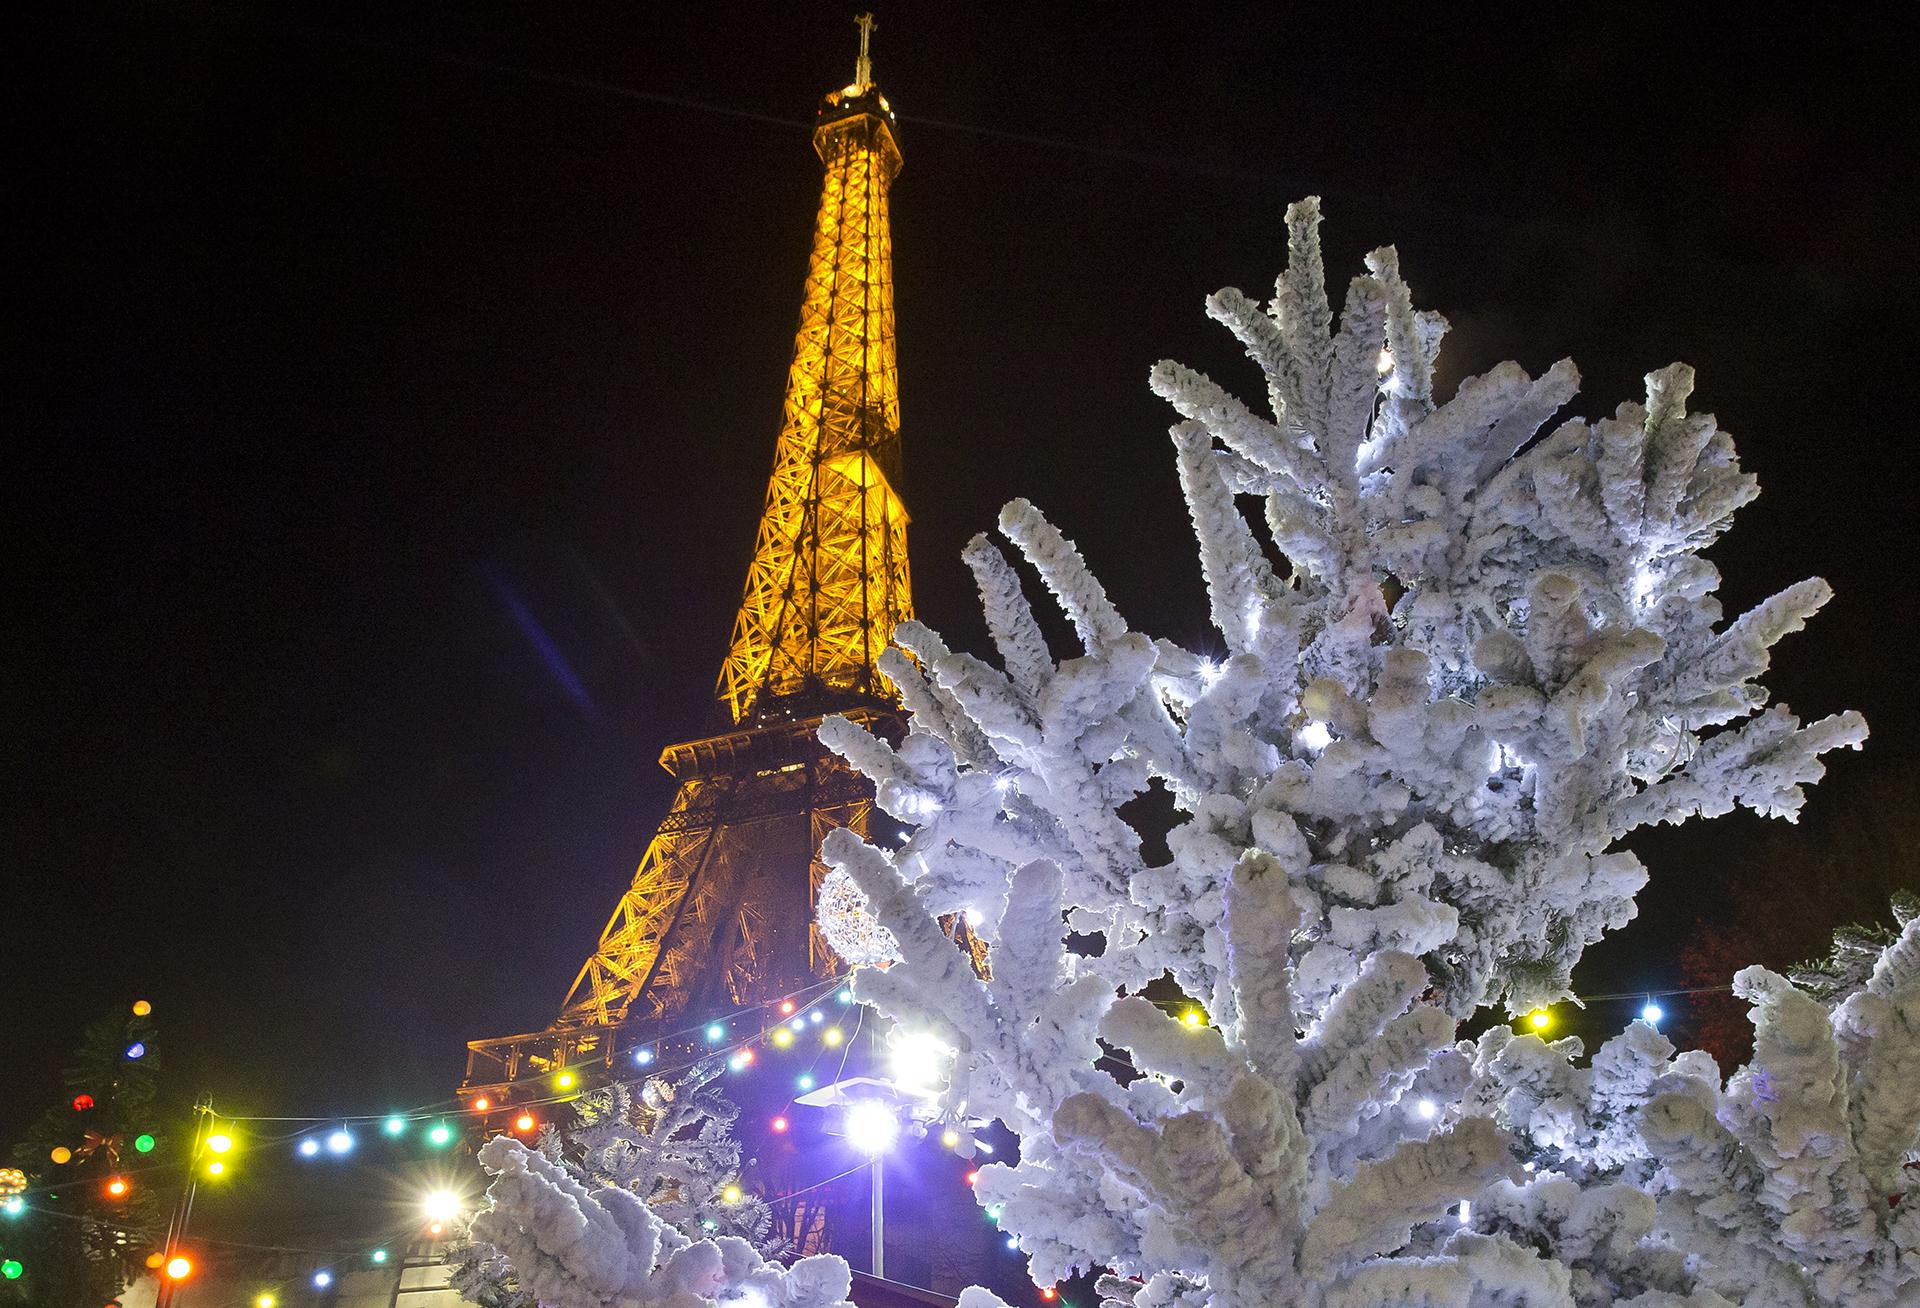 París, con la Torre Eiffel iluminada y el particular diseño de este árbol navideño